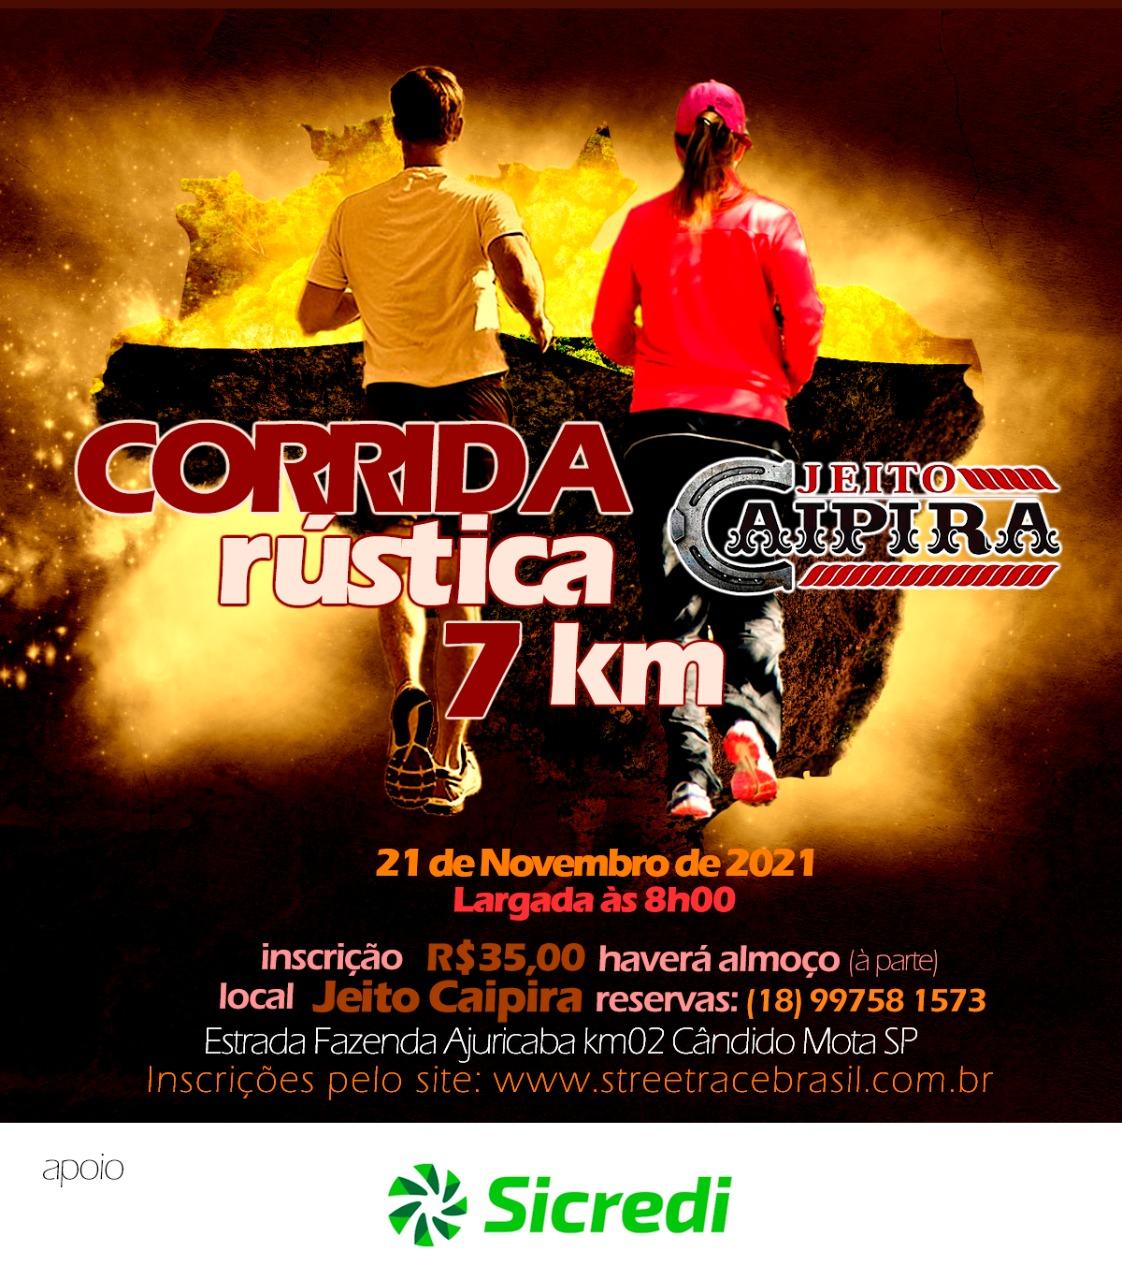 CORRIDA RÚSTICA JEITO CAIPIRA